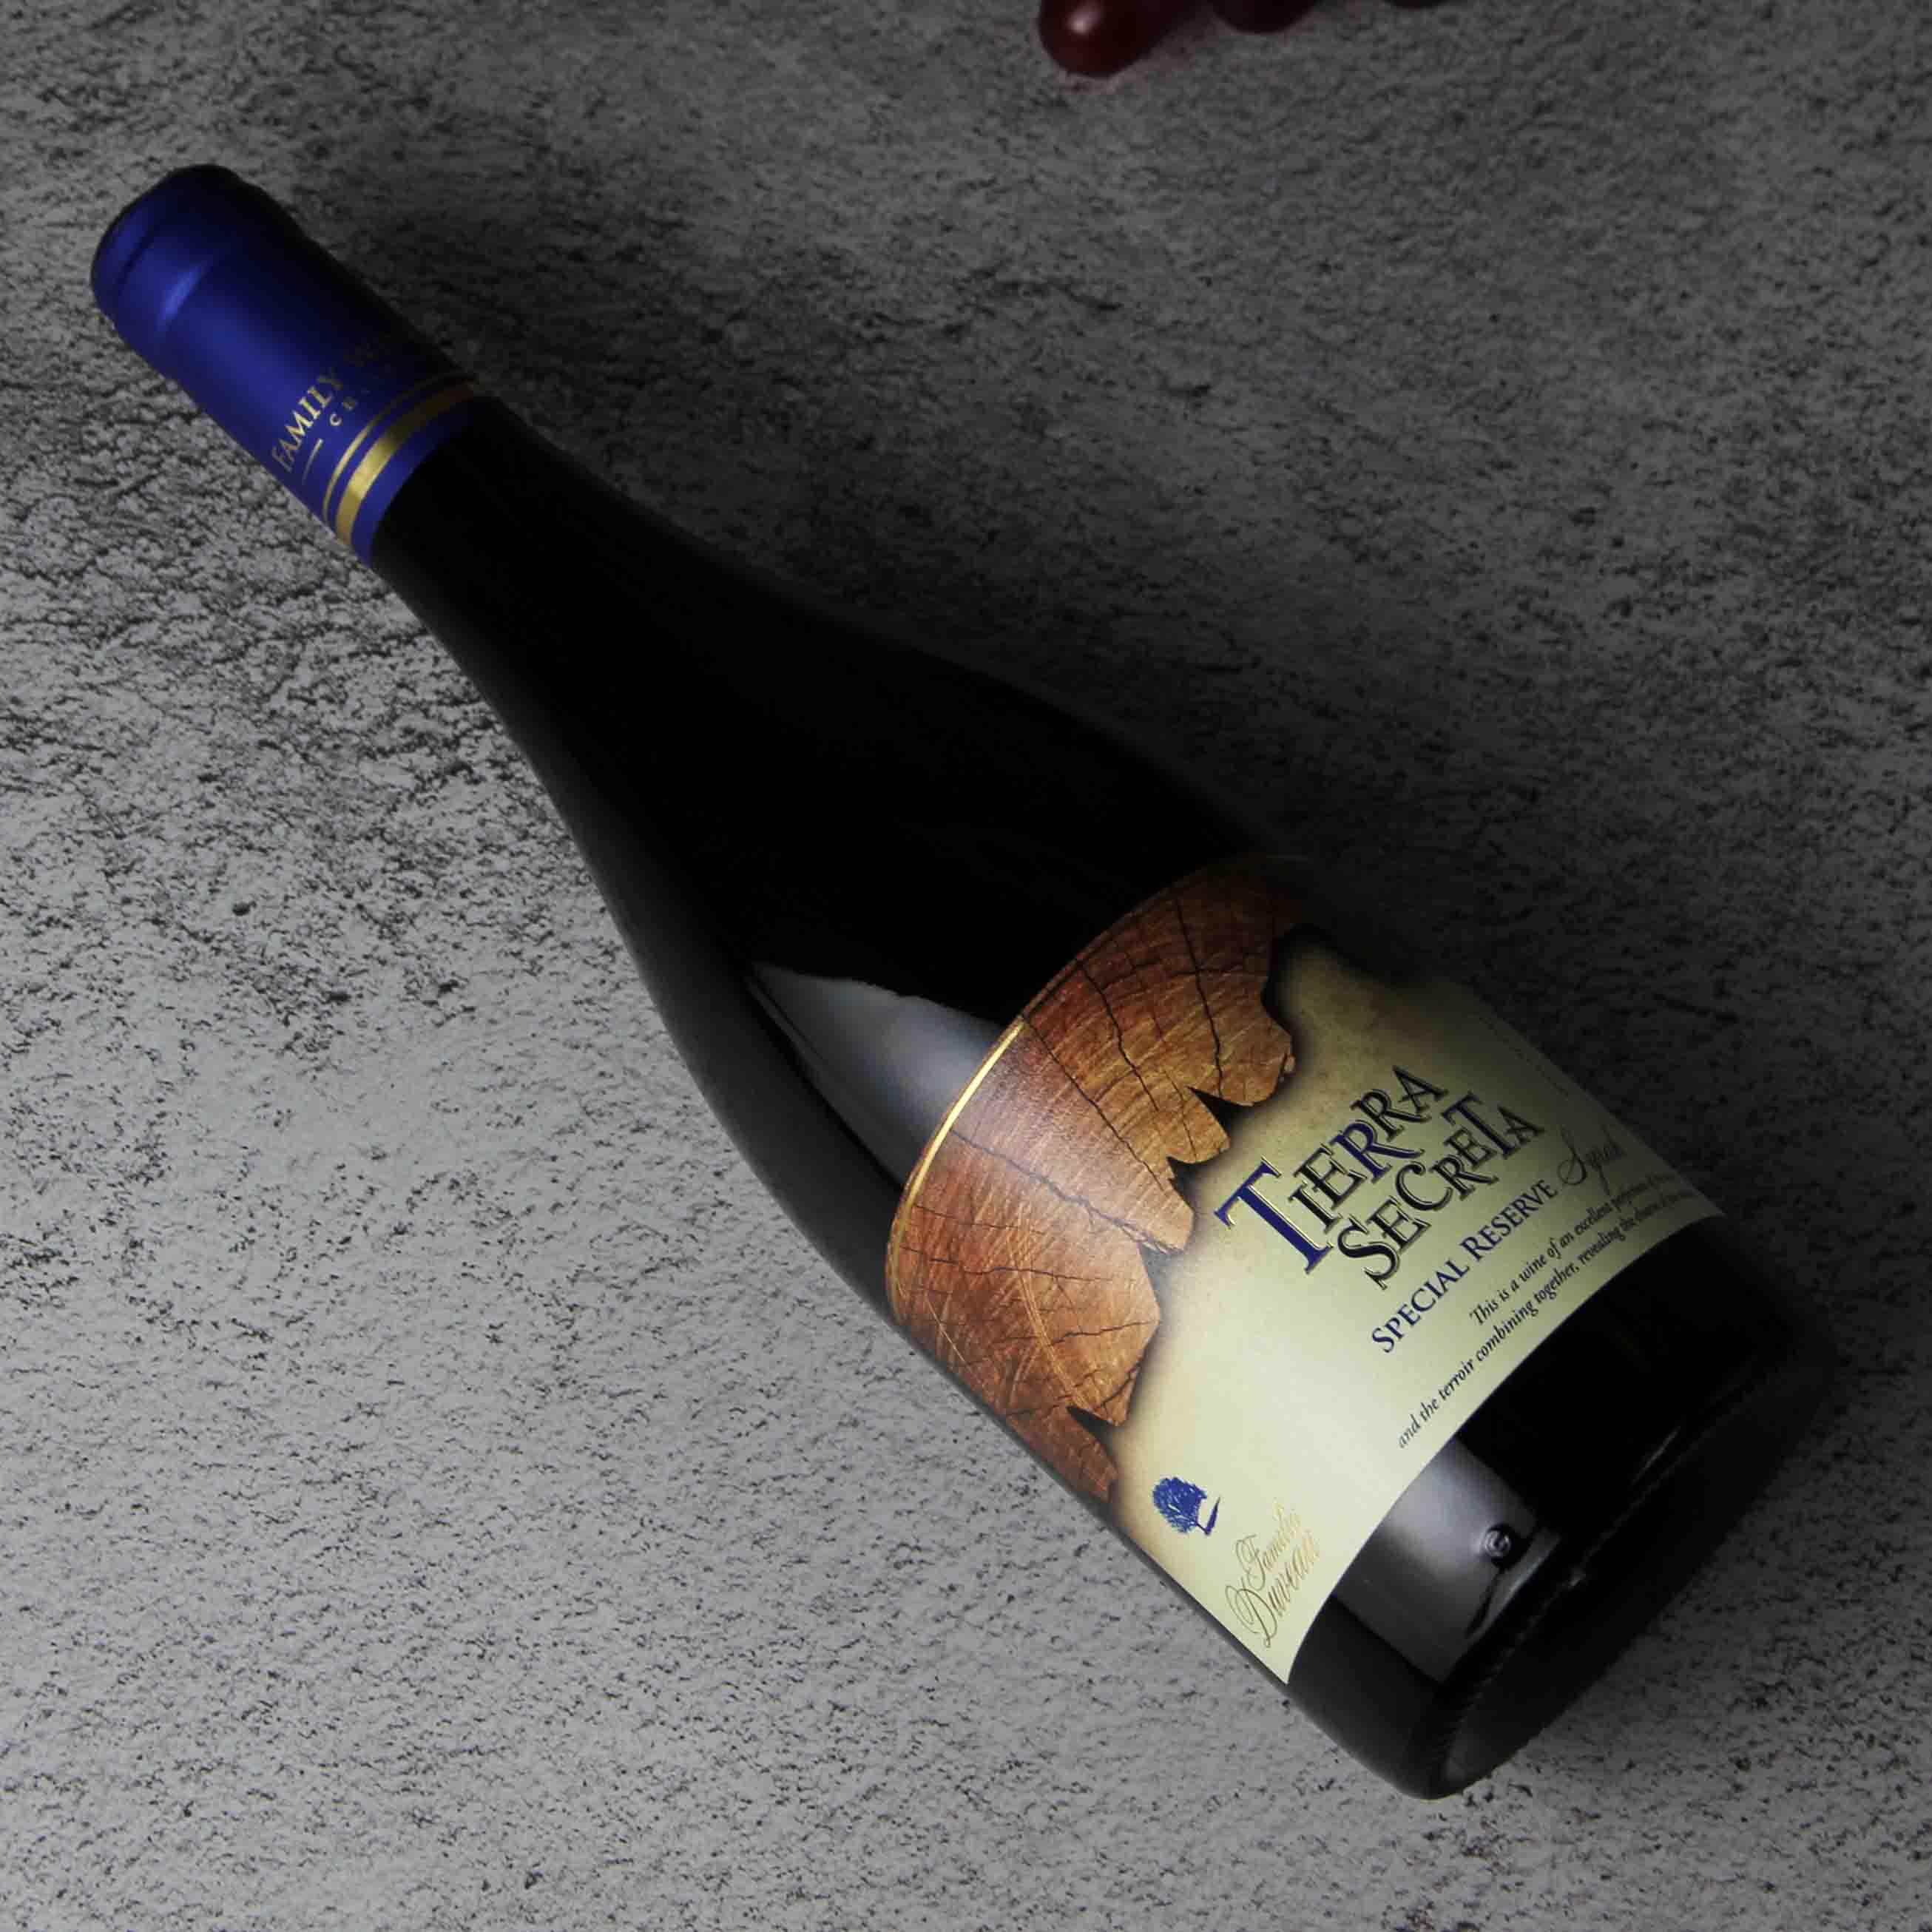 智利中央山谷秘壤特别珍藏西拉红葡萄酒红酒